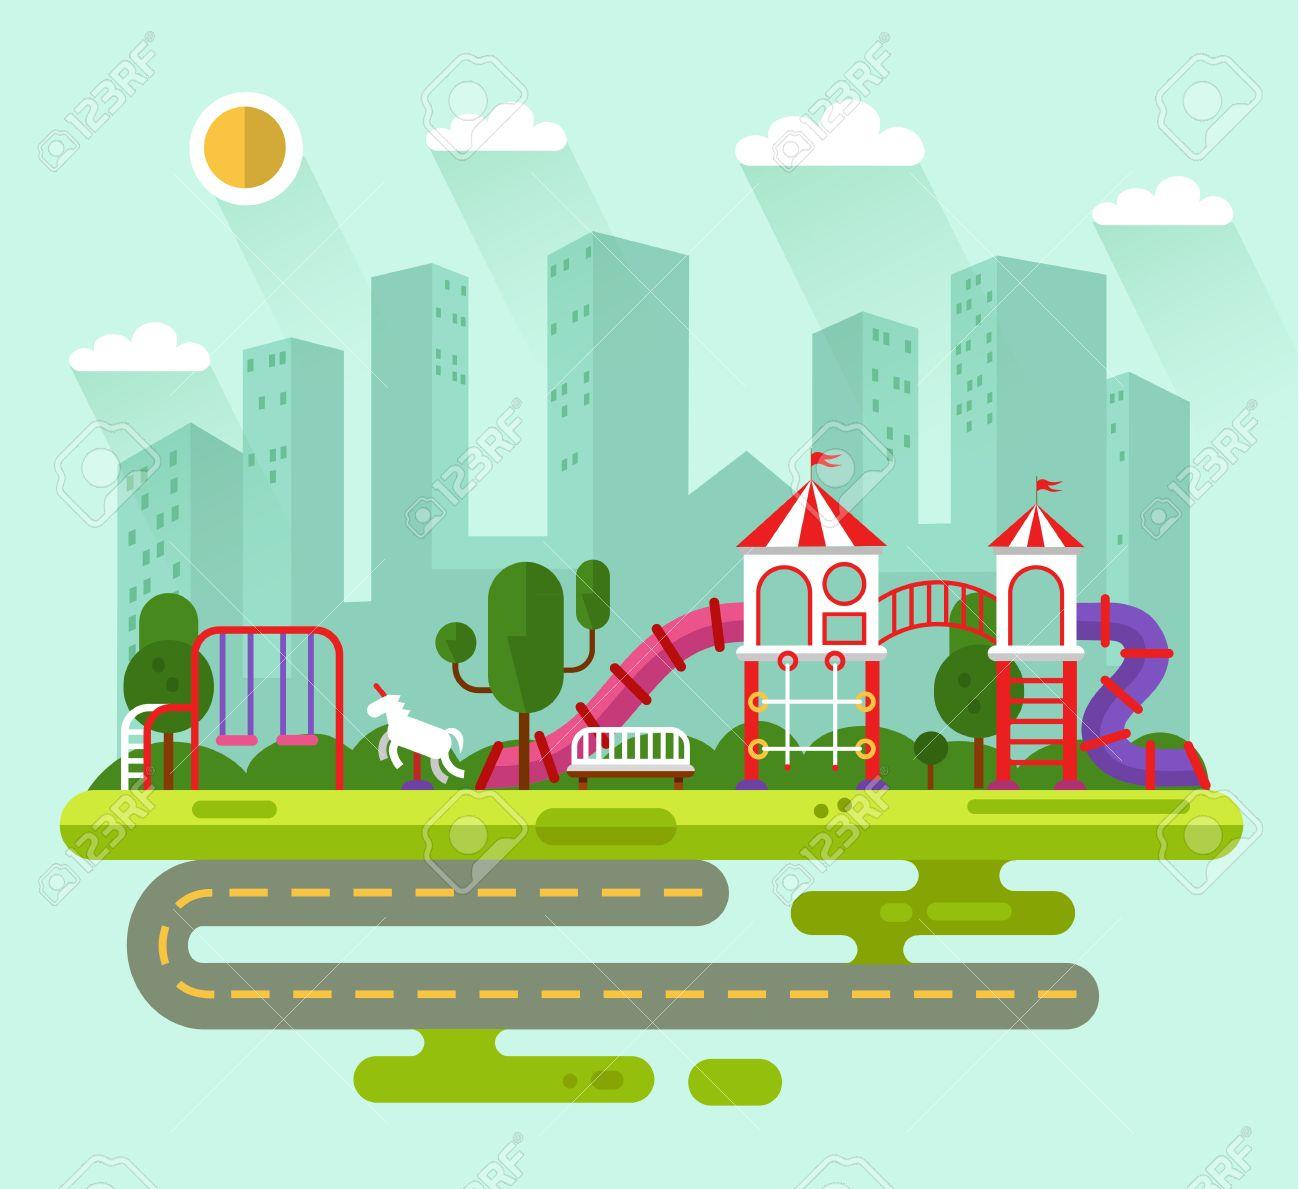 ilustracin paisaje plano del diseo del verano del parque de la ciudad con juegos infantiles y